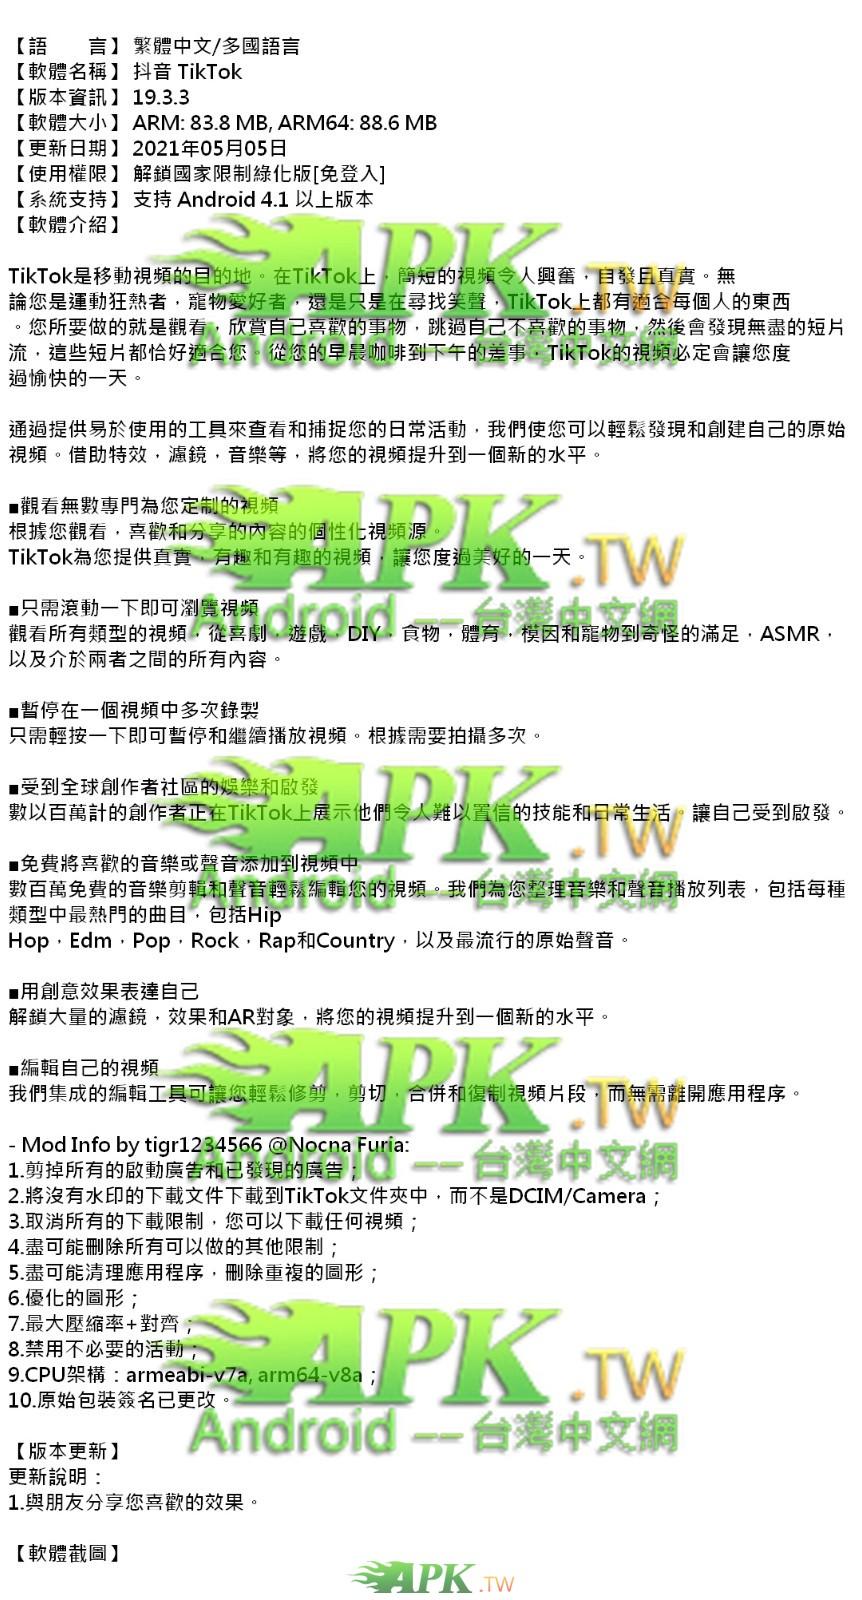 TikTok_19.3.3 APK_.jpg